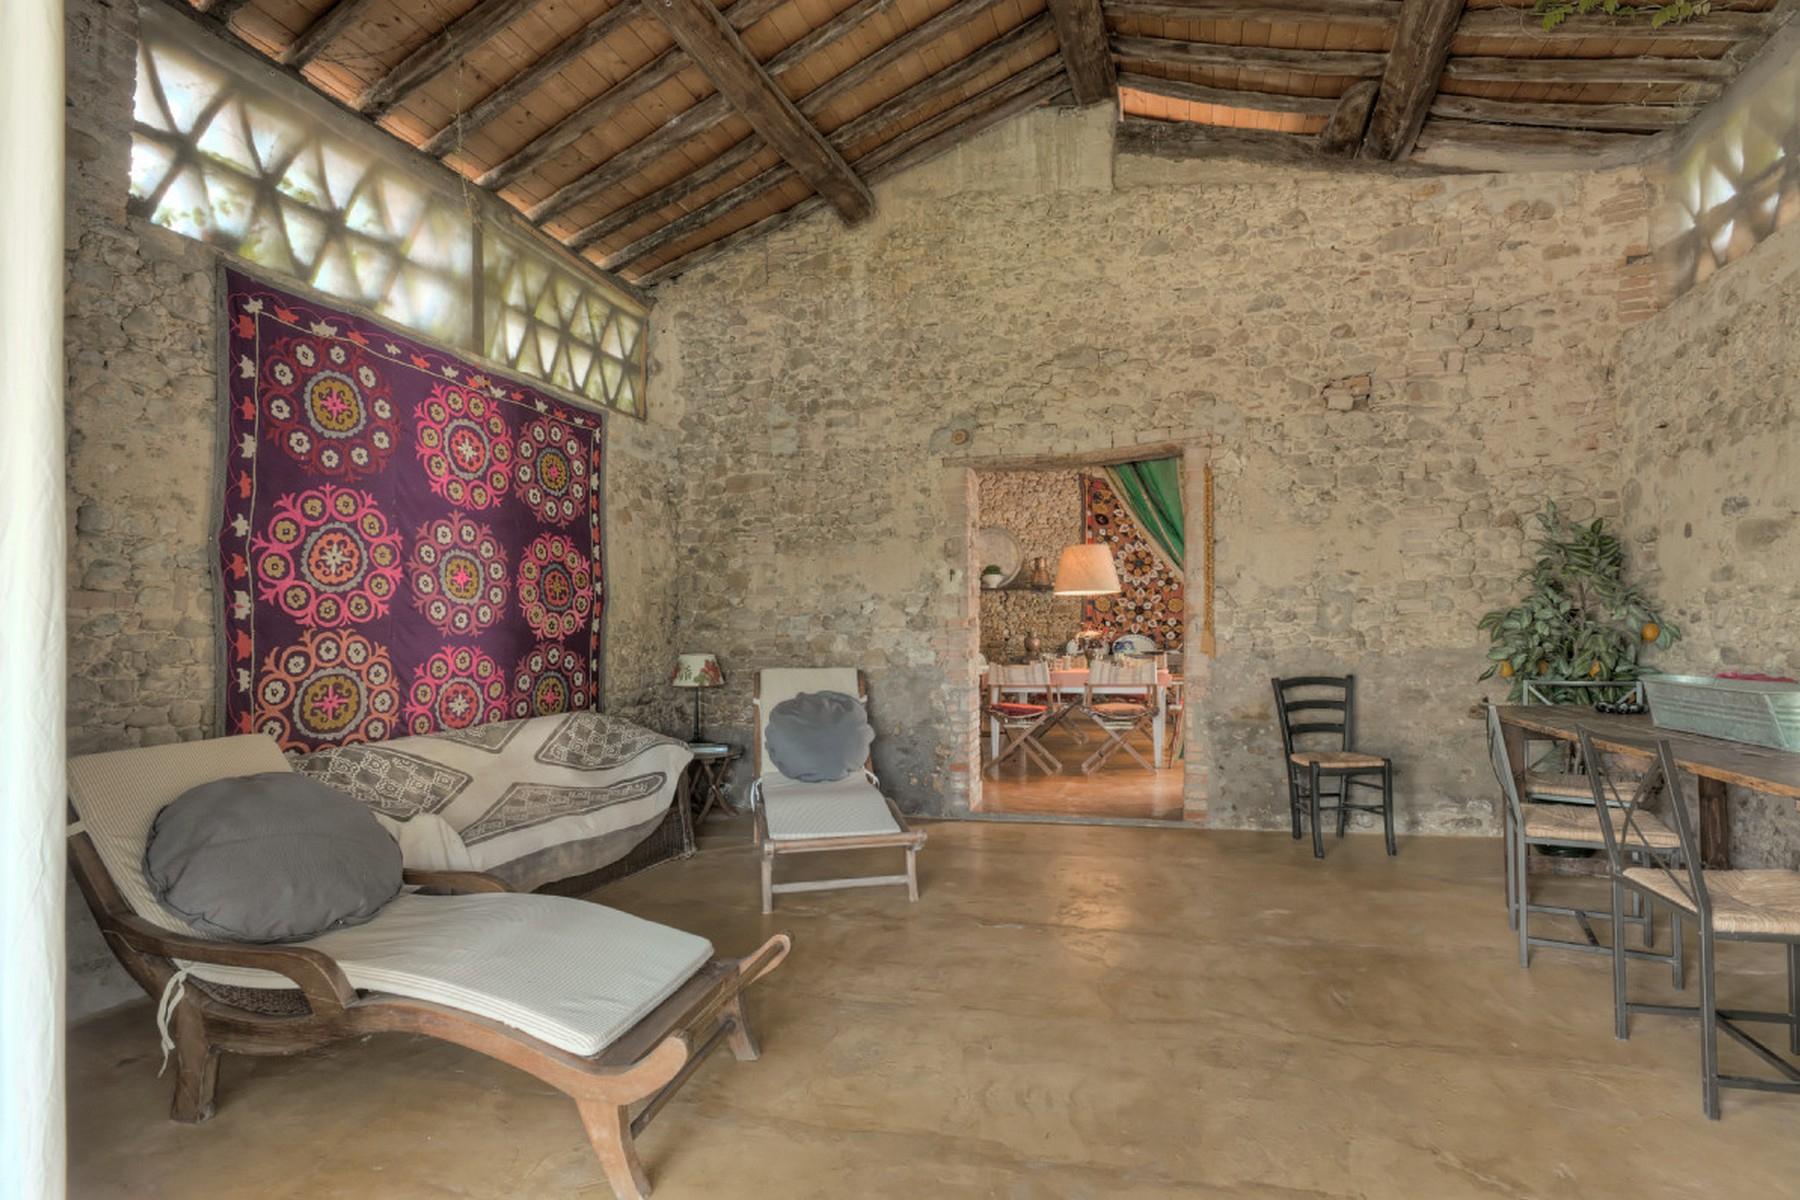 State-of-the-art rustic villa set in Florentine Chianti - 33